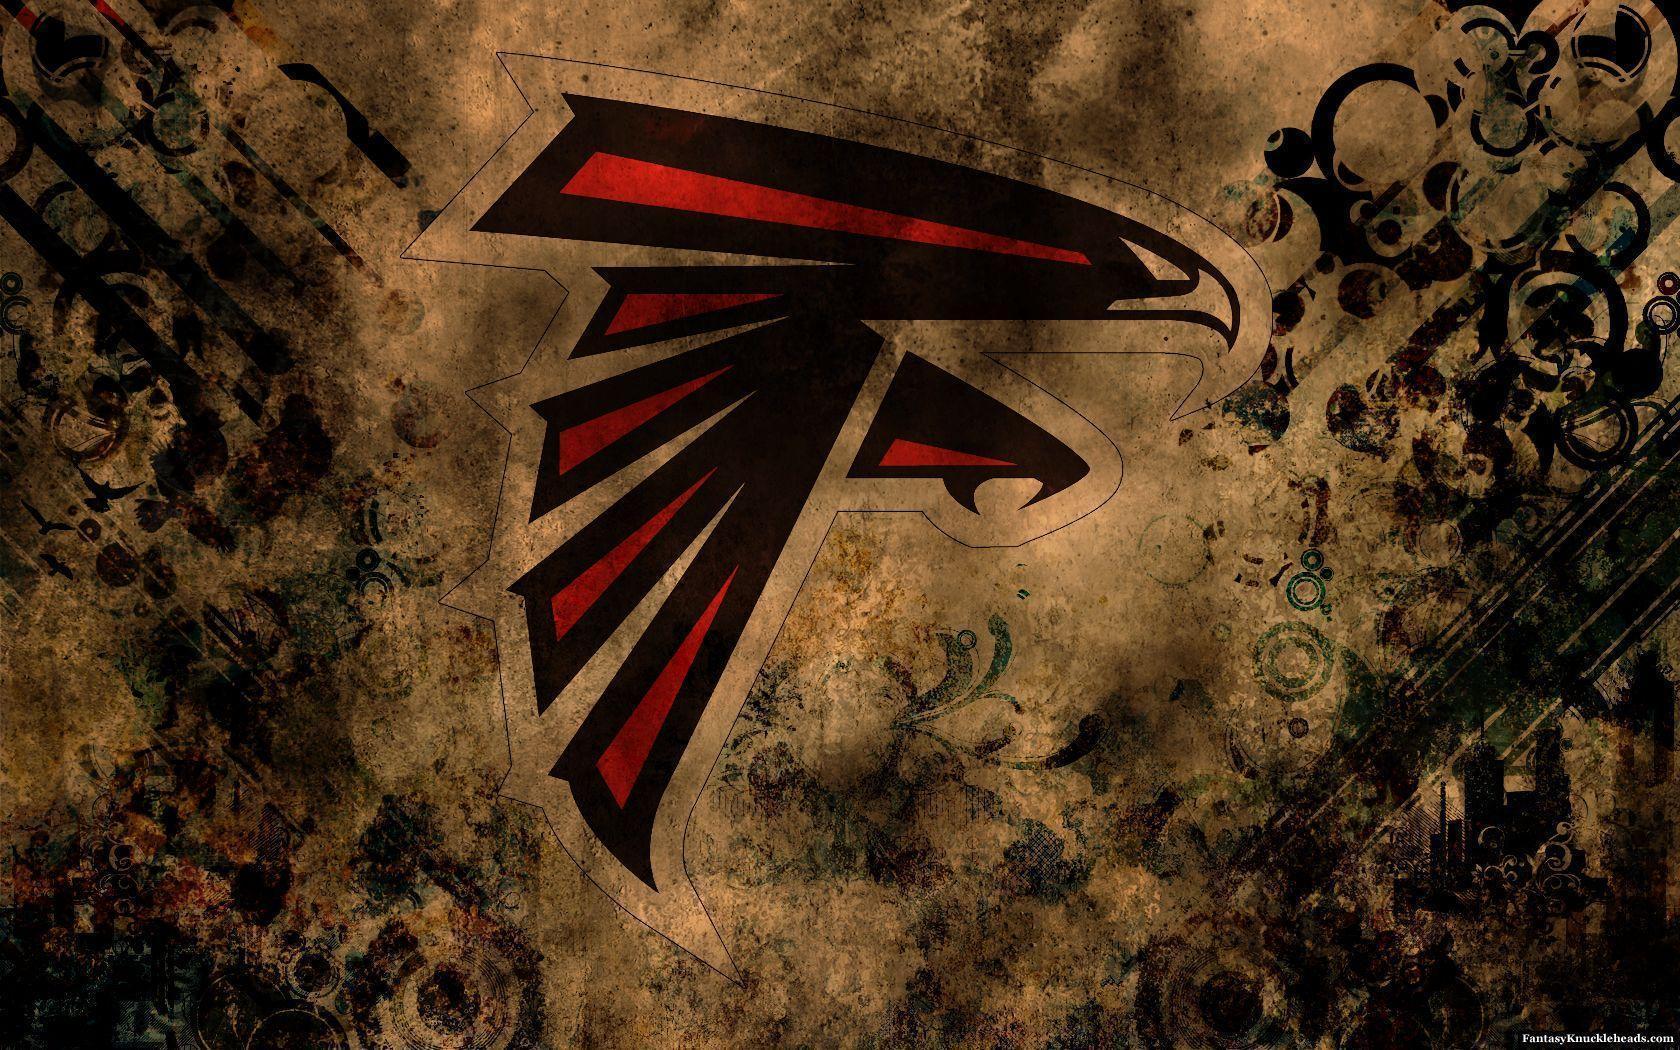 Atlanta Falcons Iphone Wallpaper Wallpapersafari Atlanta: NFL Teams Wallpapers 2016